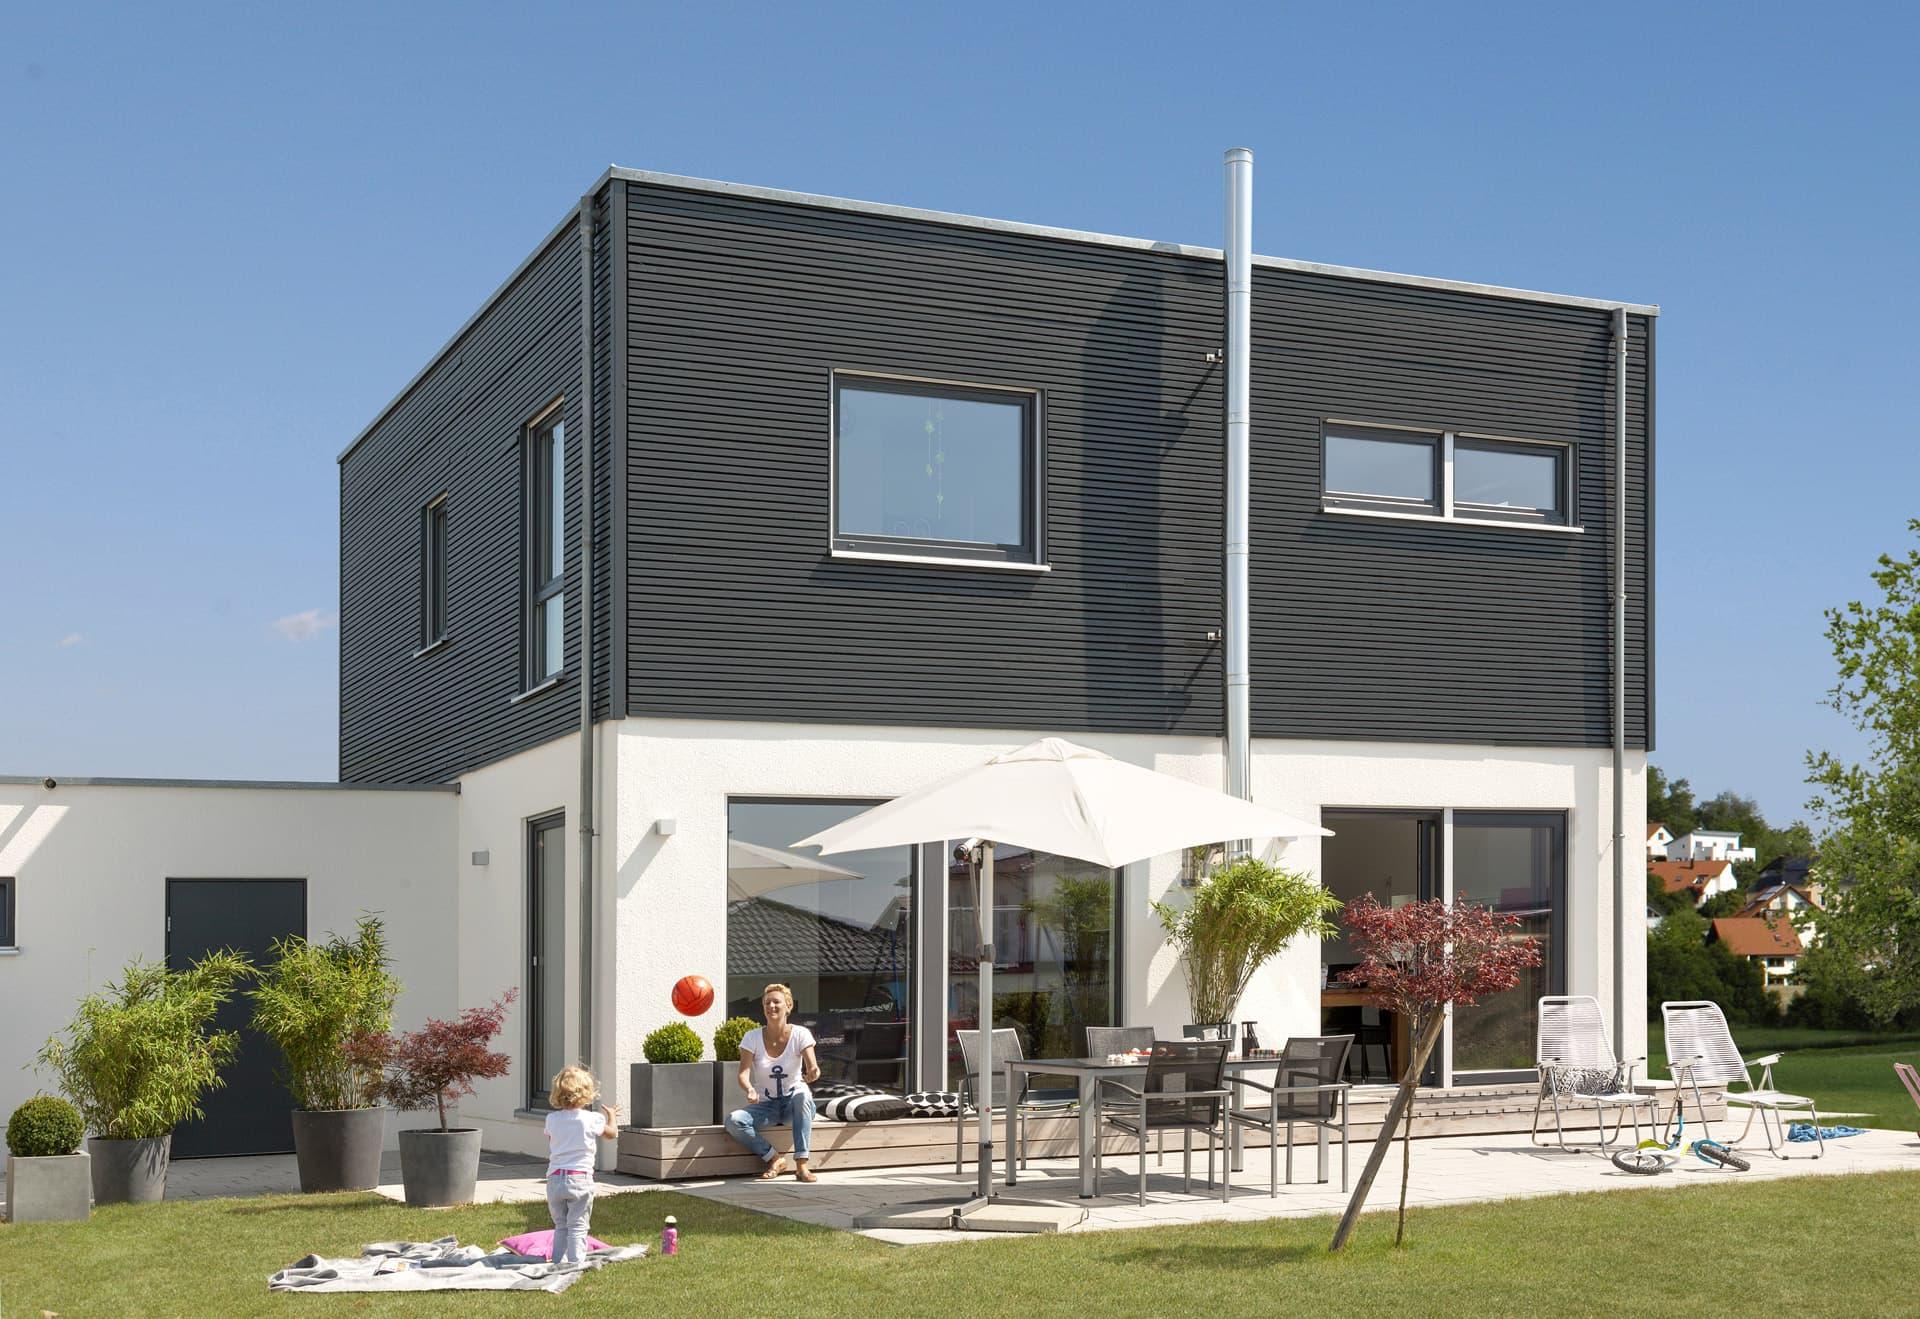 schw rerhaus architektur im bauhausstil. Black Bedroom Furniture Sets. Home Design Ideas